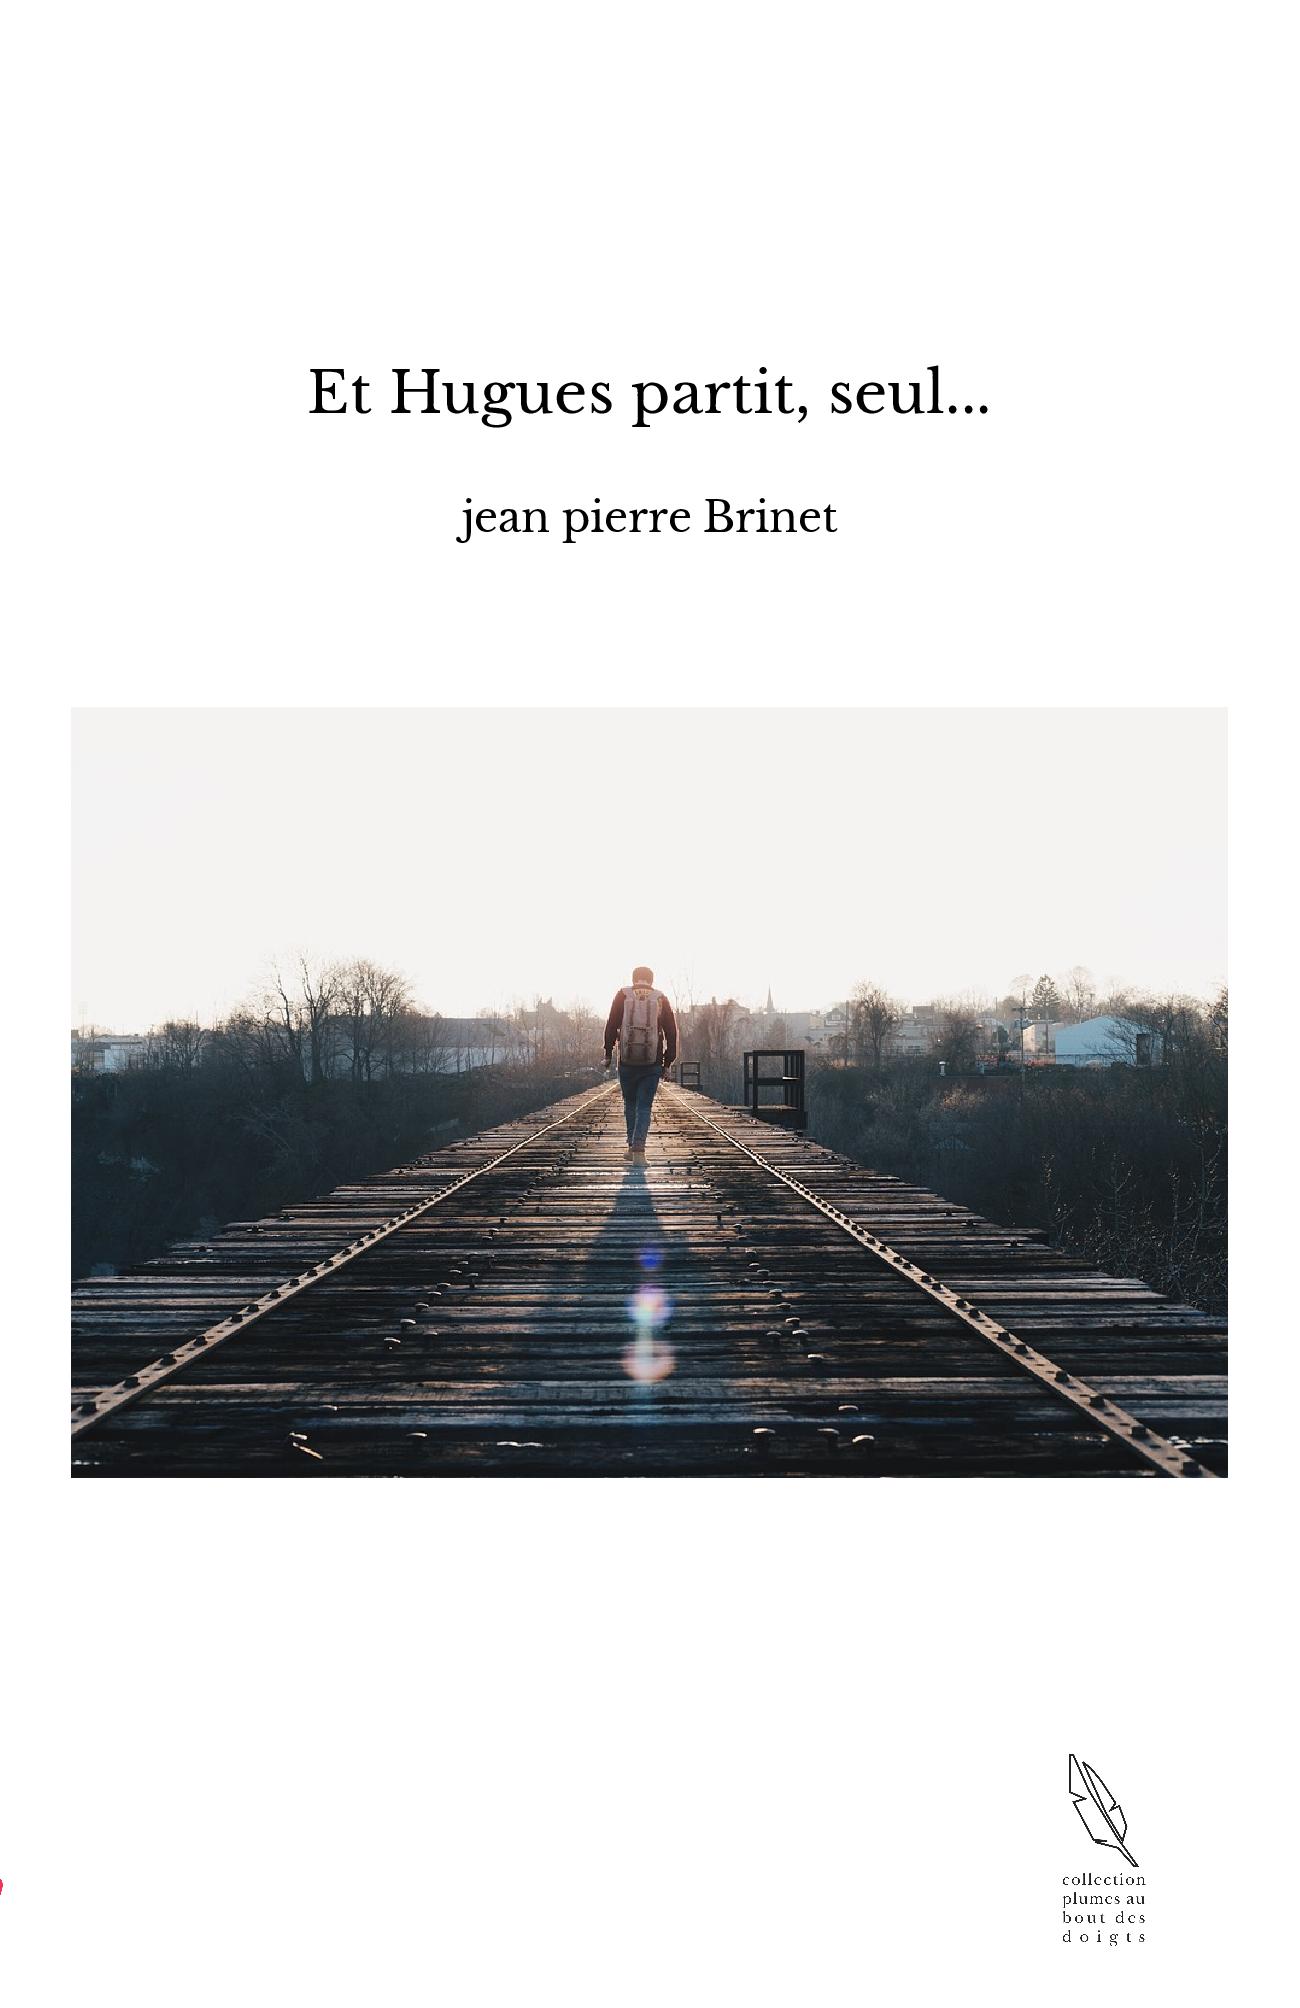 Et Hugues partit, seul...